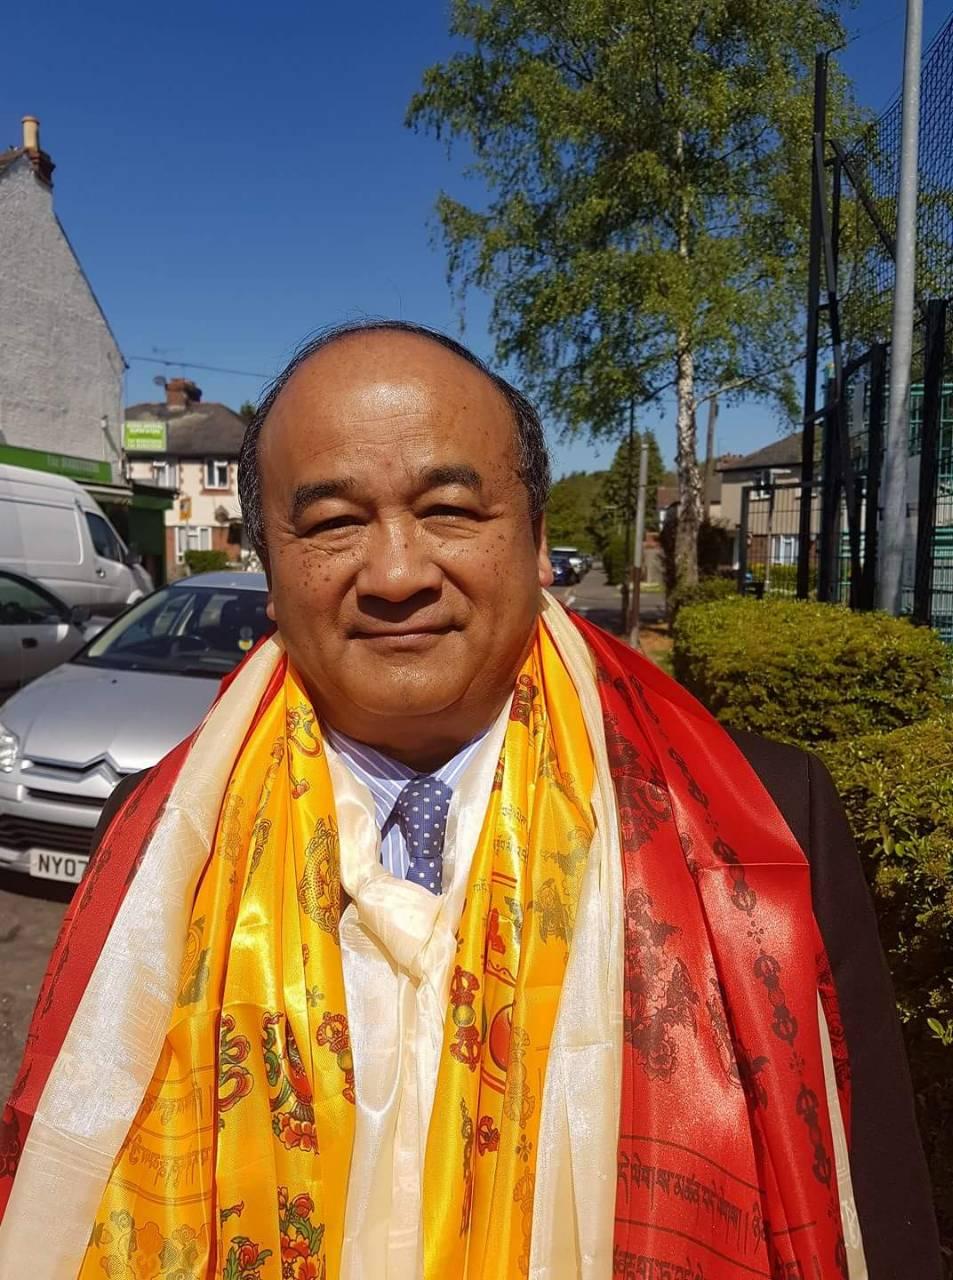 नेपाली मूलका ३ जना काउन्सिलर पदमा निर्वाचित